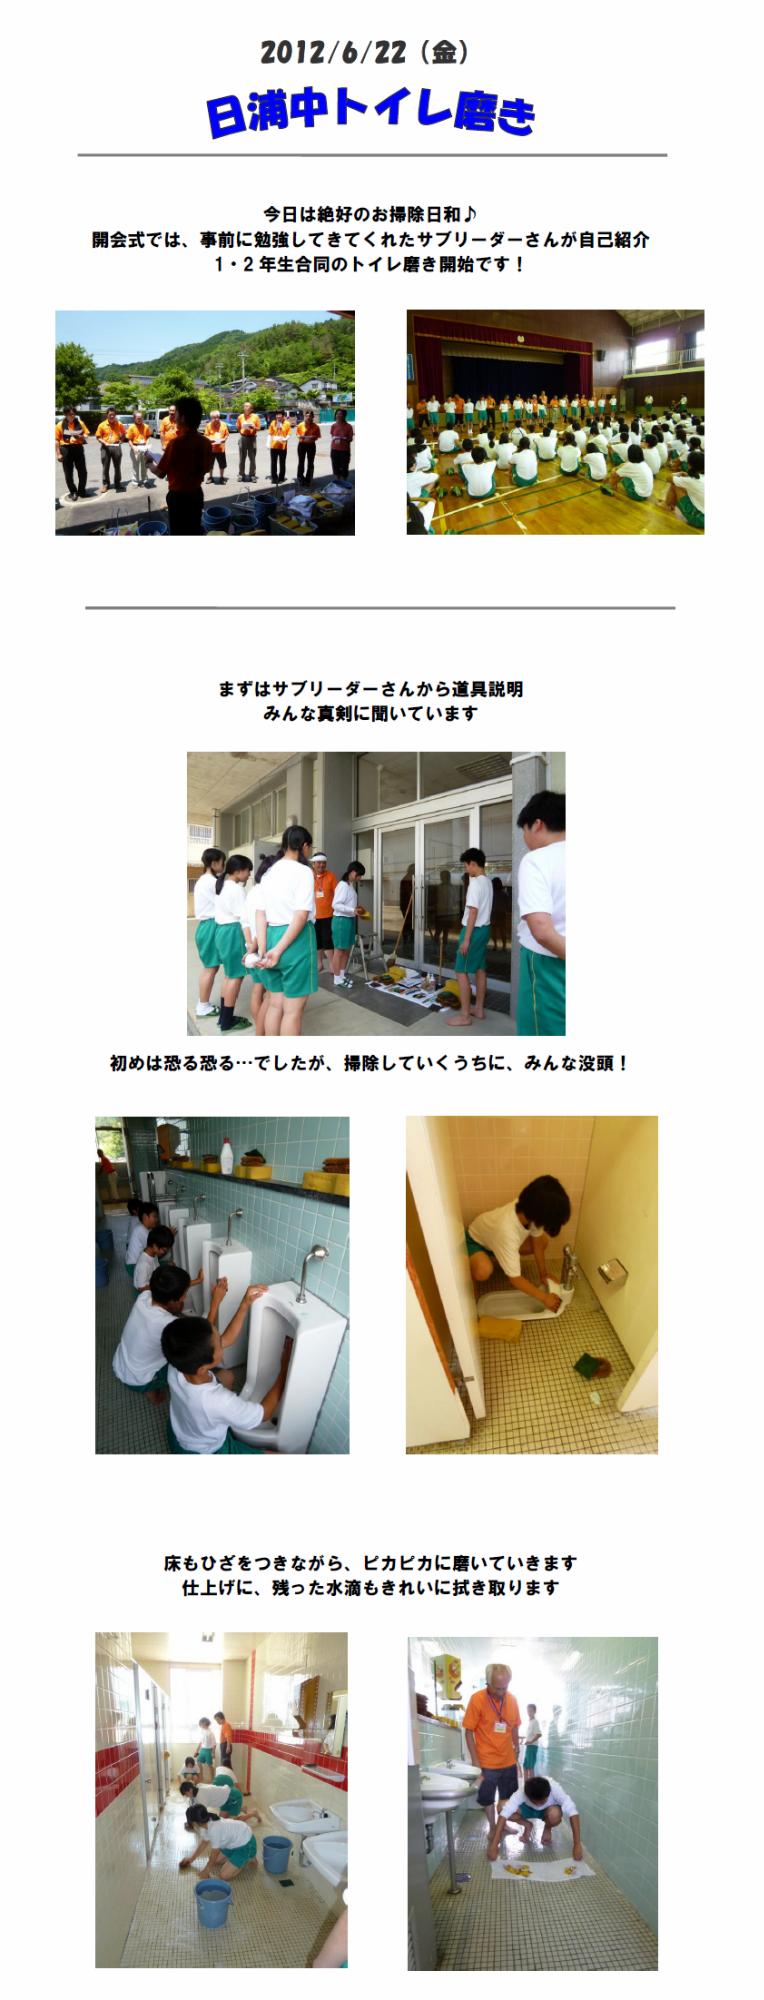 2012.6.22日浦中トイレ磨き1_copy